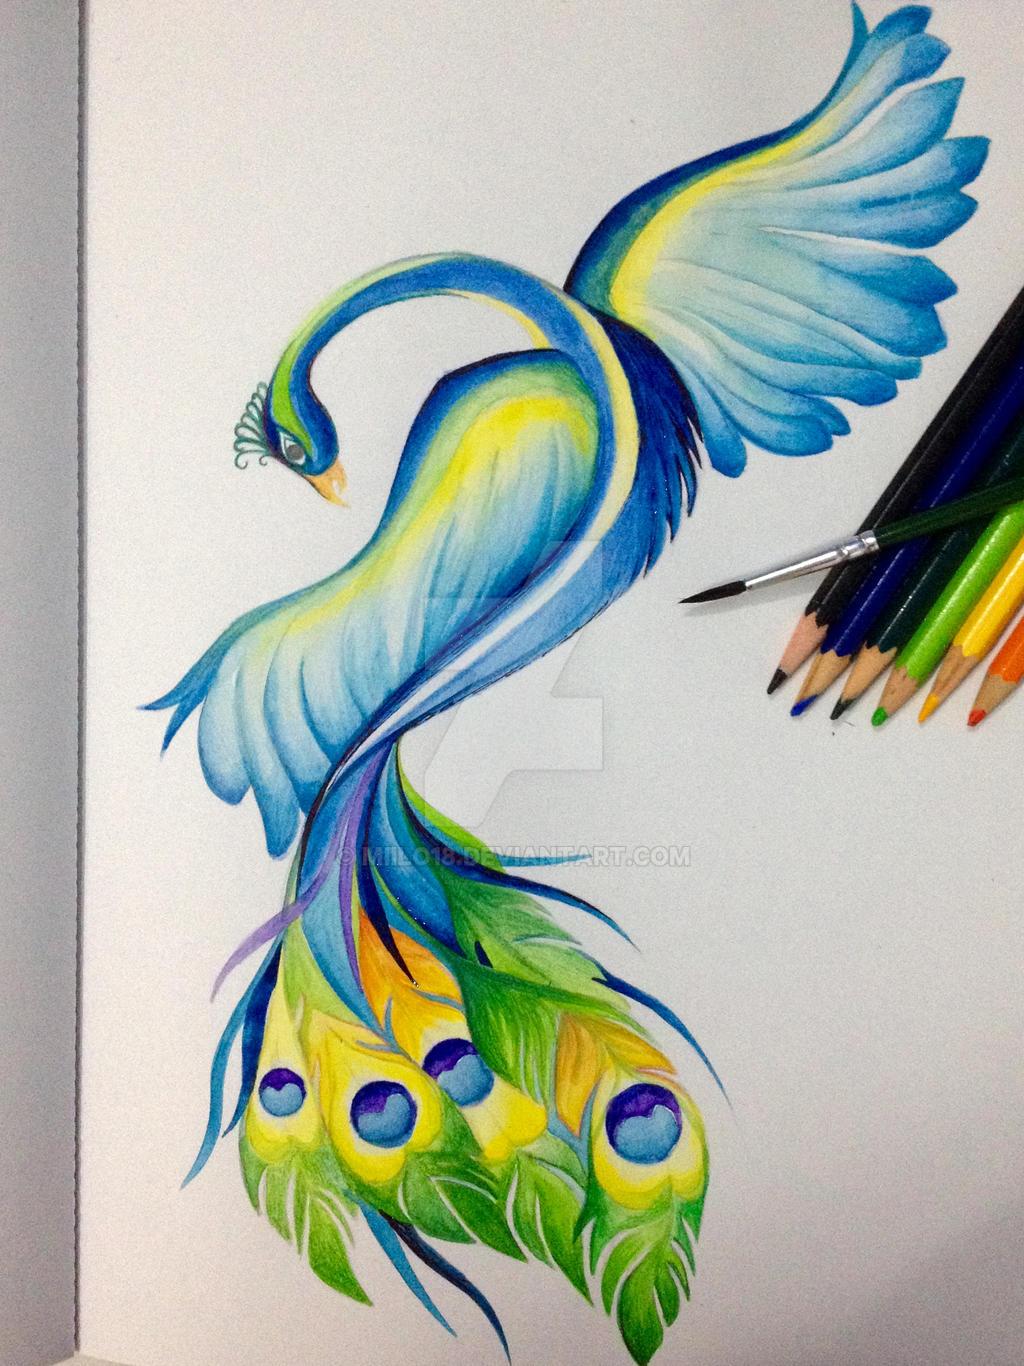 Watercolor Peacock By Miilo18